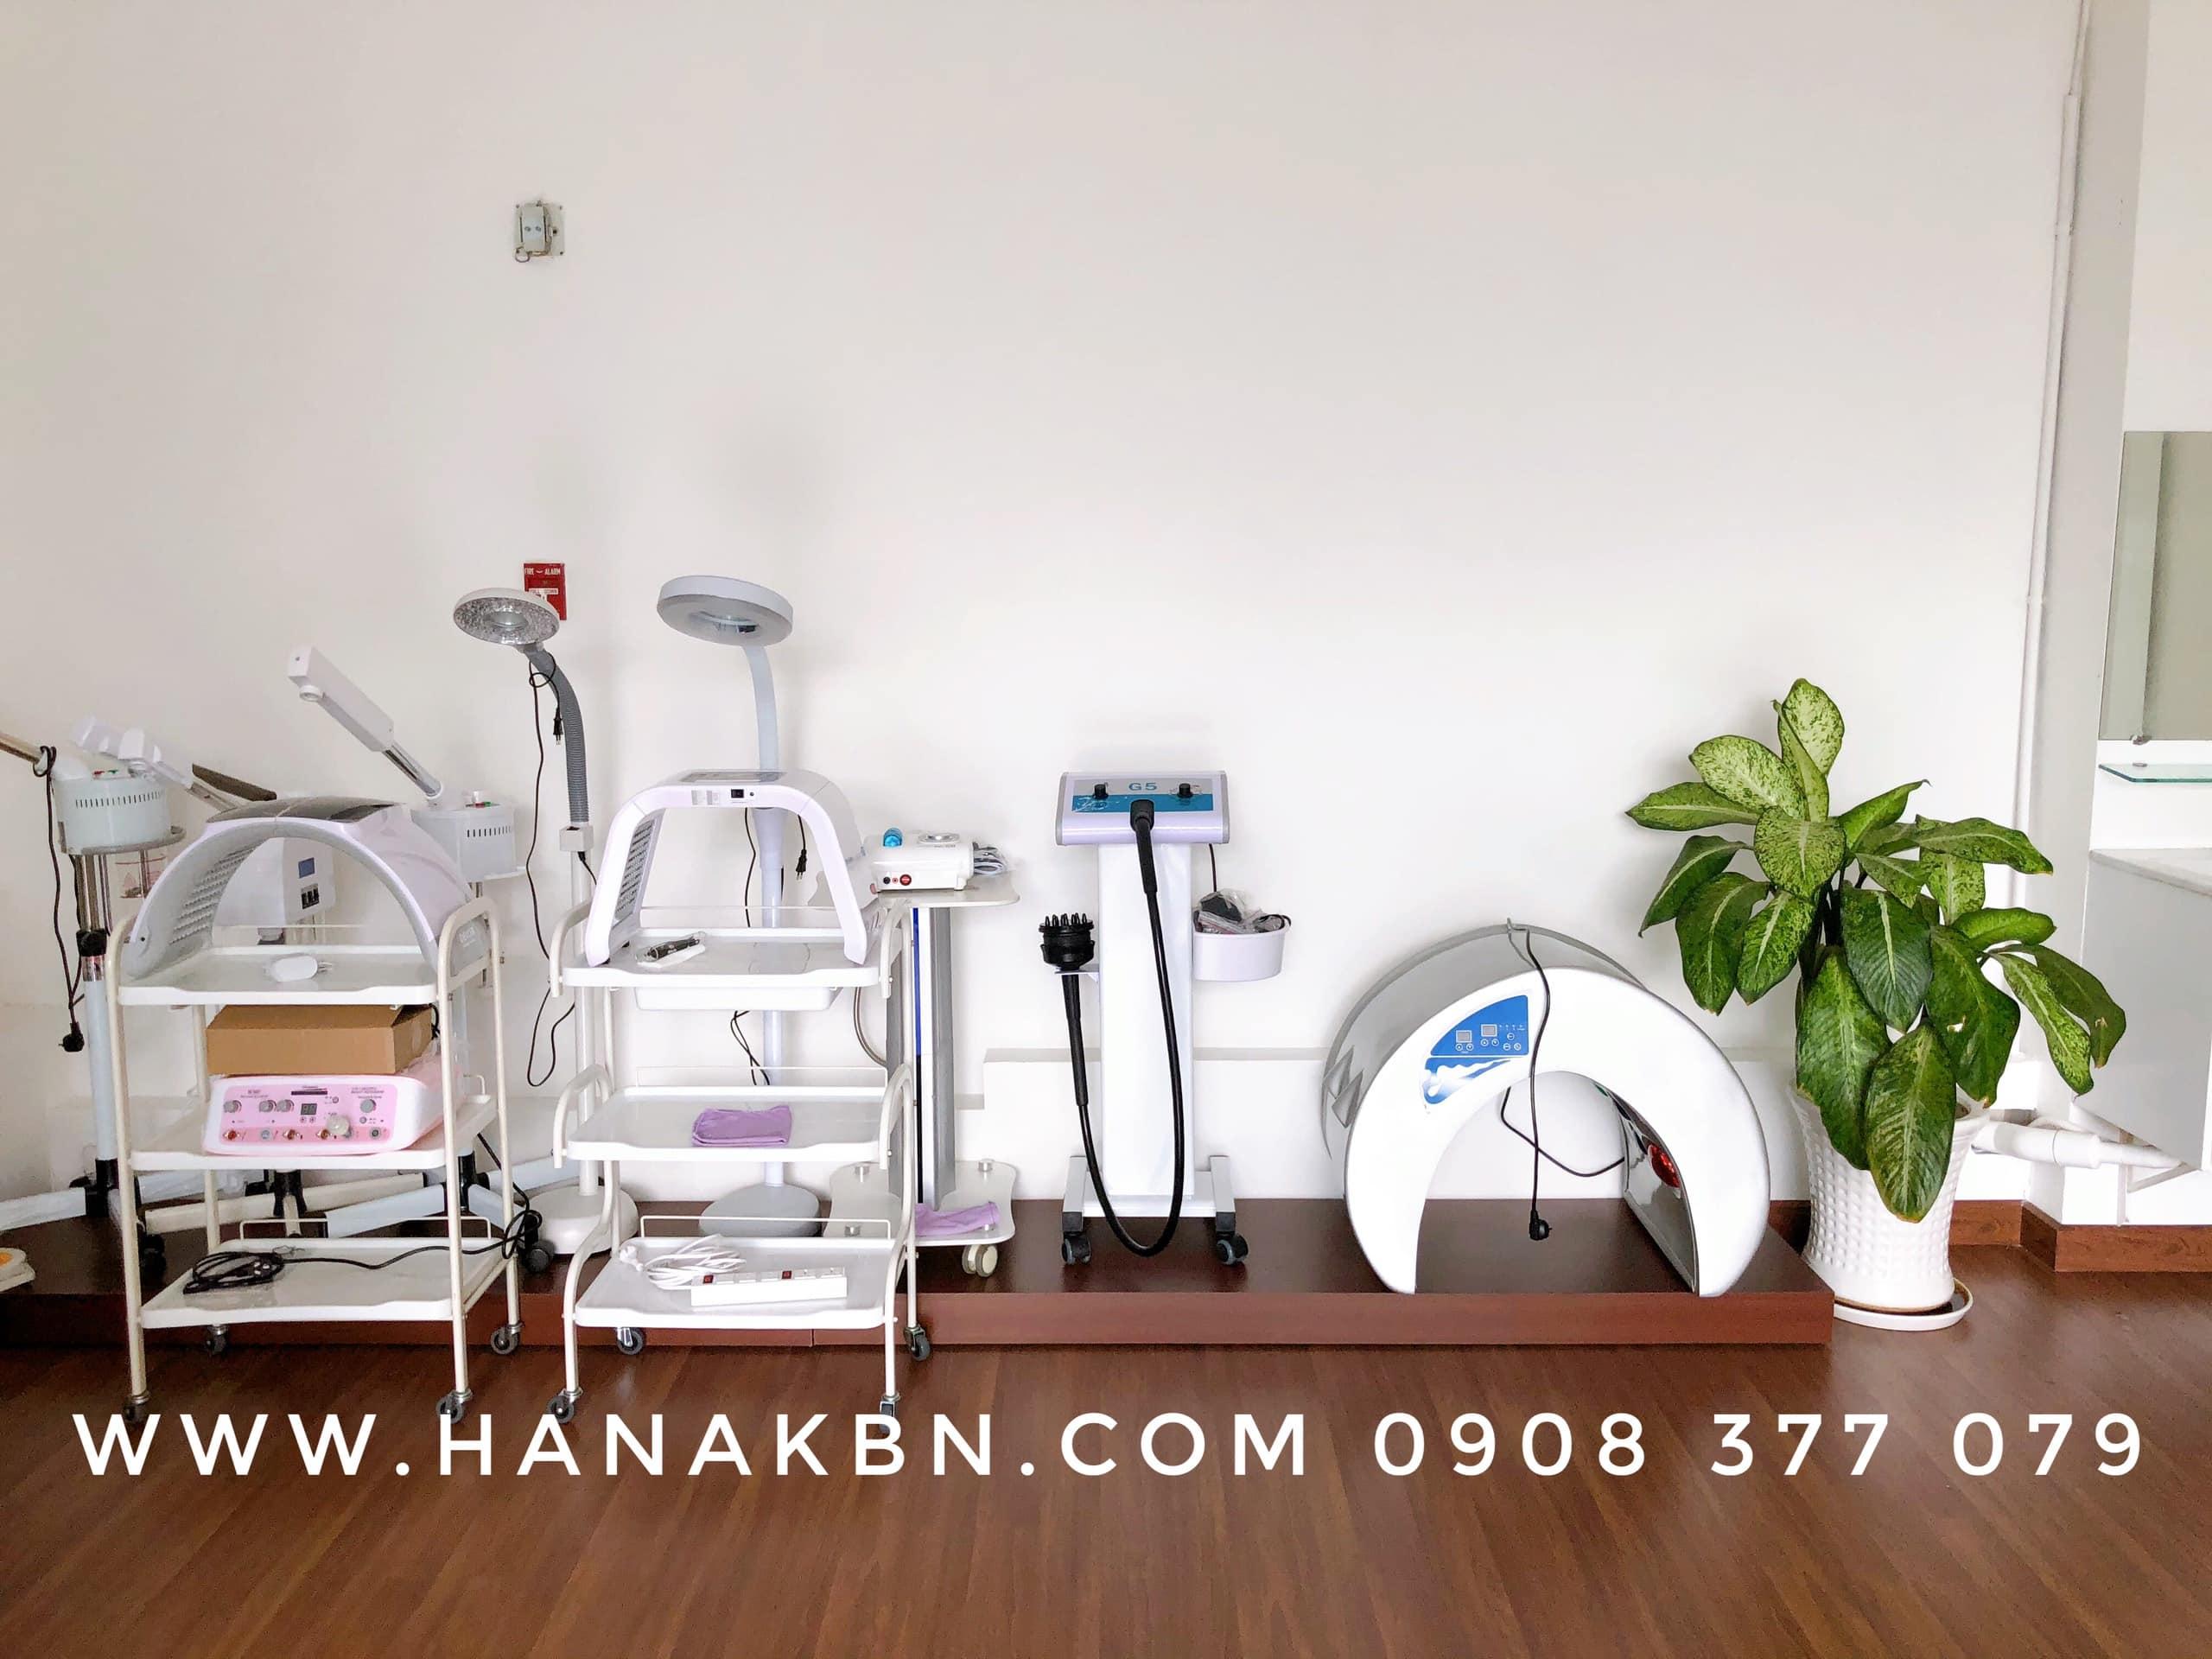 Thiết bị spa cơ bản tại công ty Hana Kim Bách Nguyên